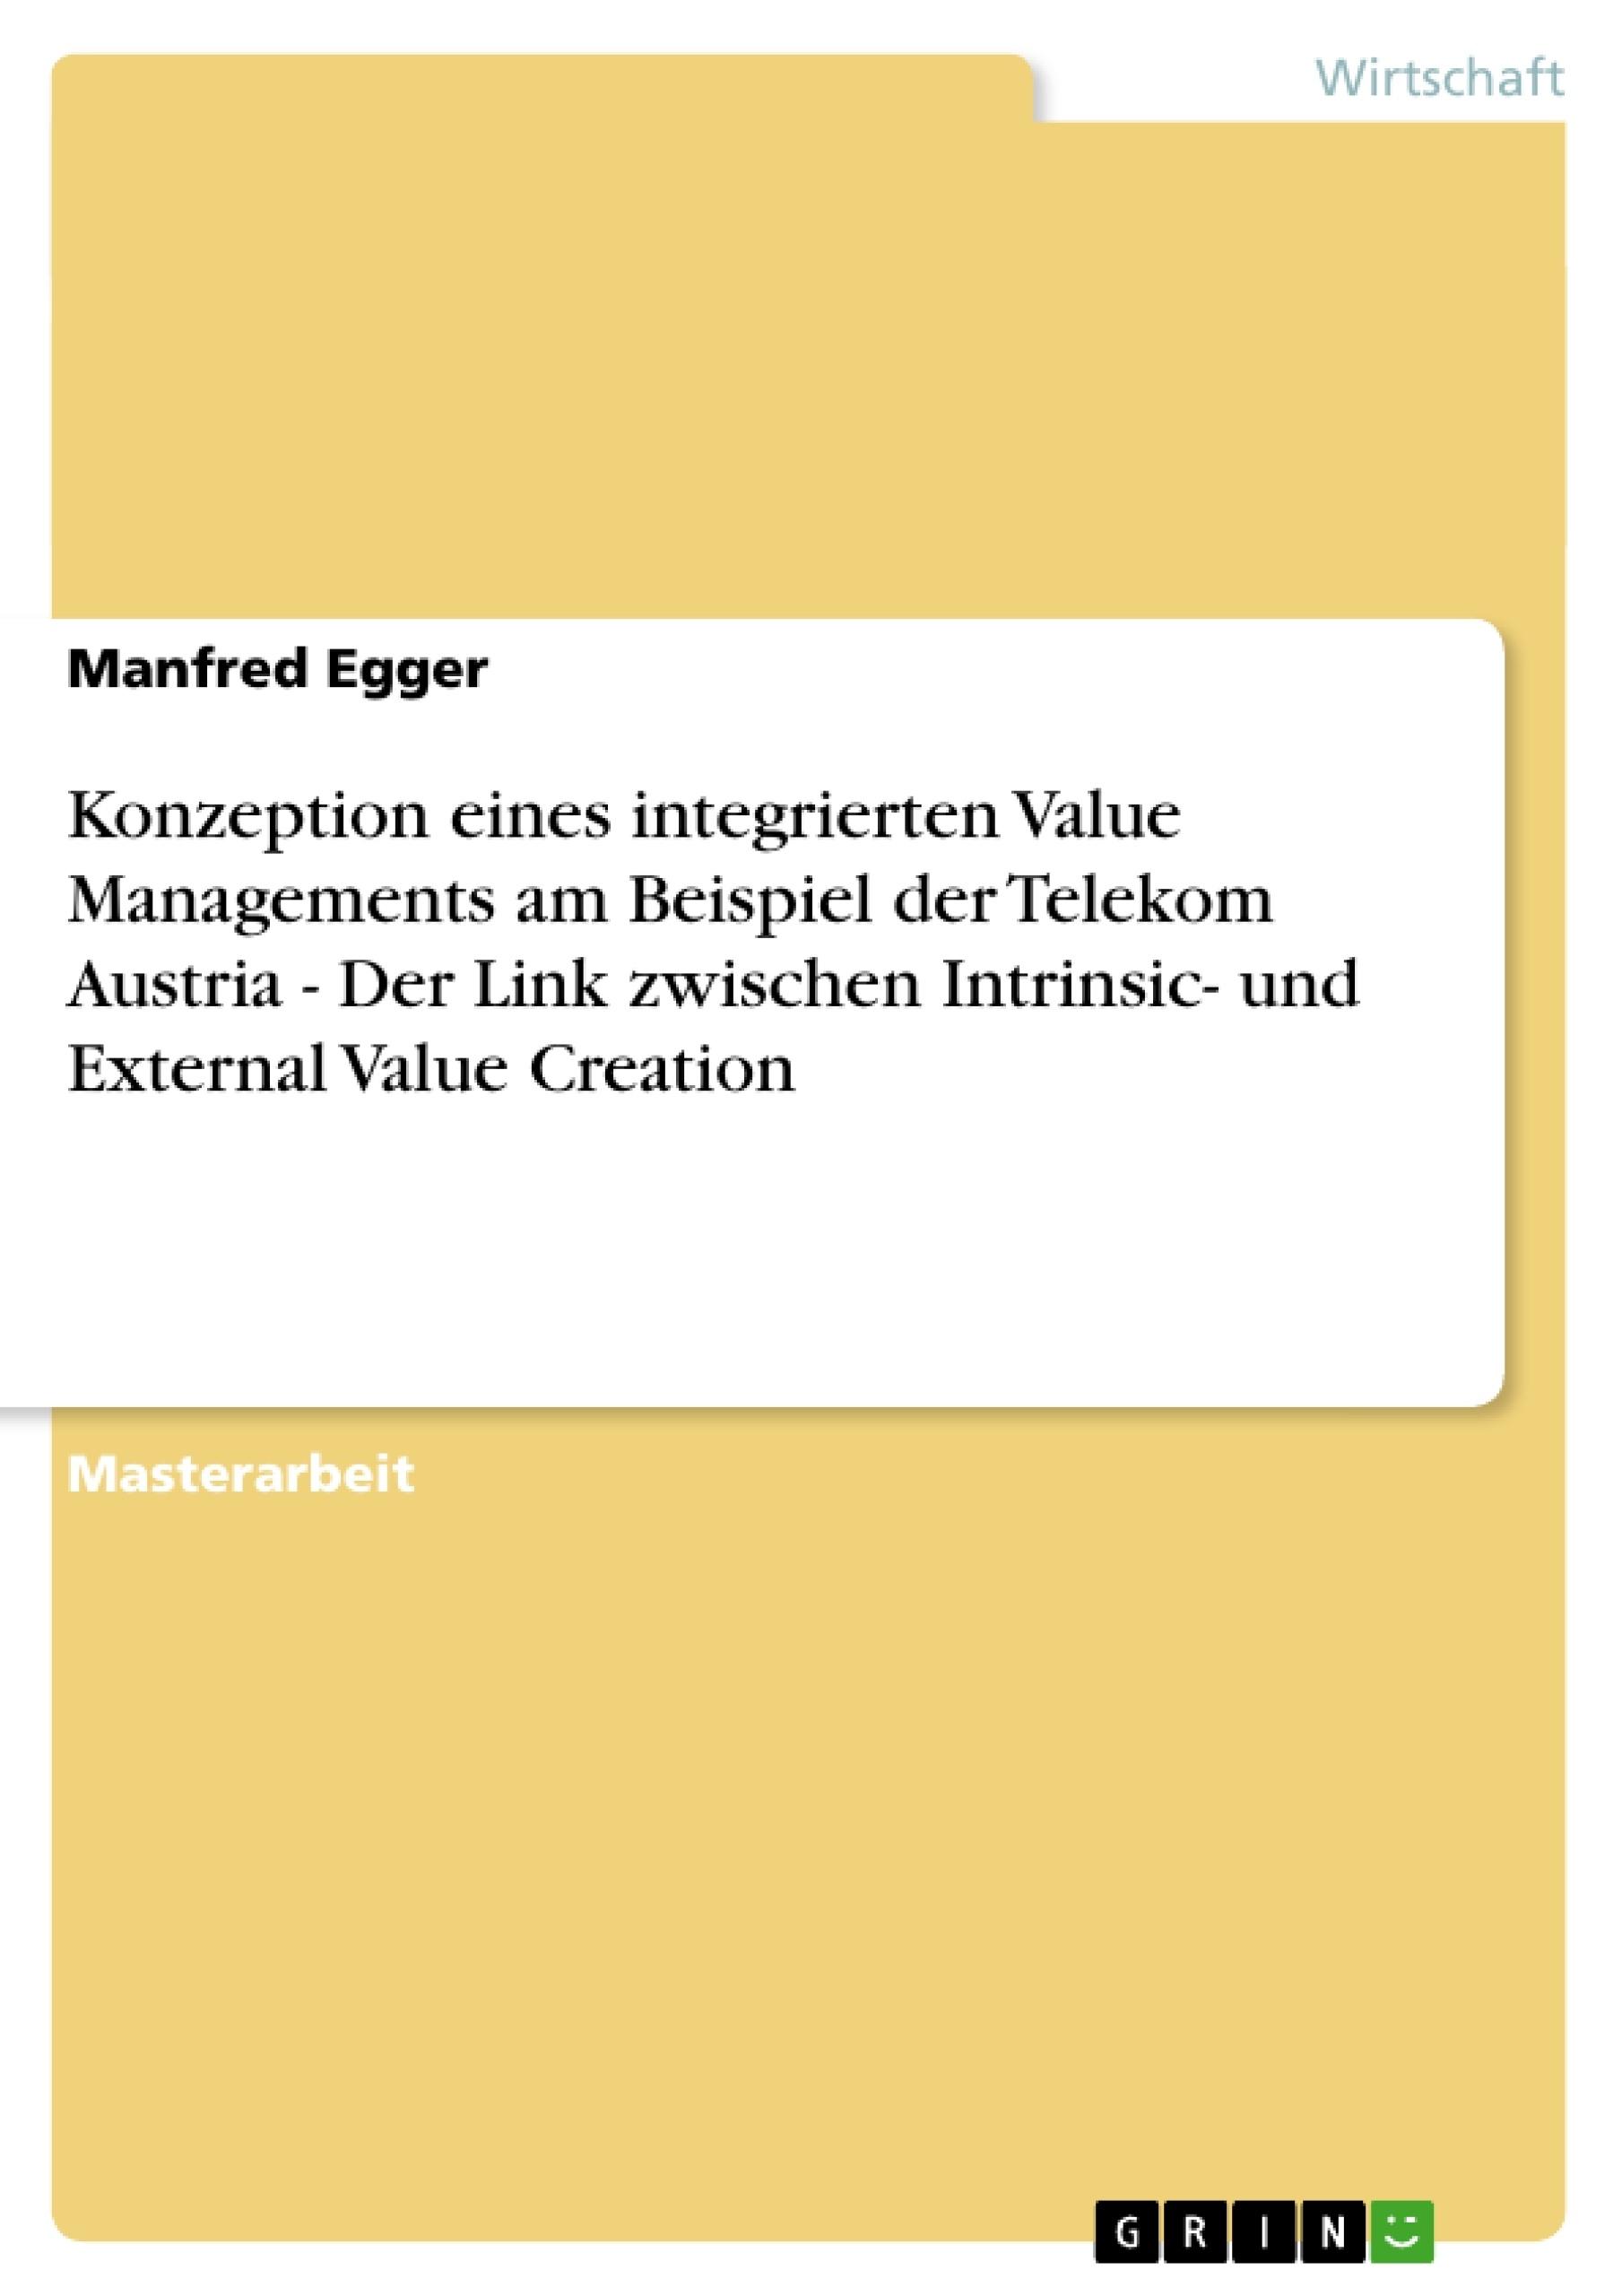 Titel: Konzeption eines integrierten Value Managements am Beispiel der Telekom Austria - Der Link zwischen Intrinsic- und External Value Creation